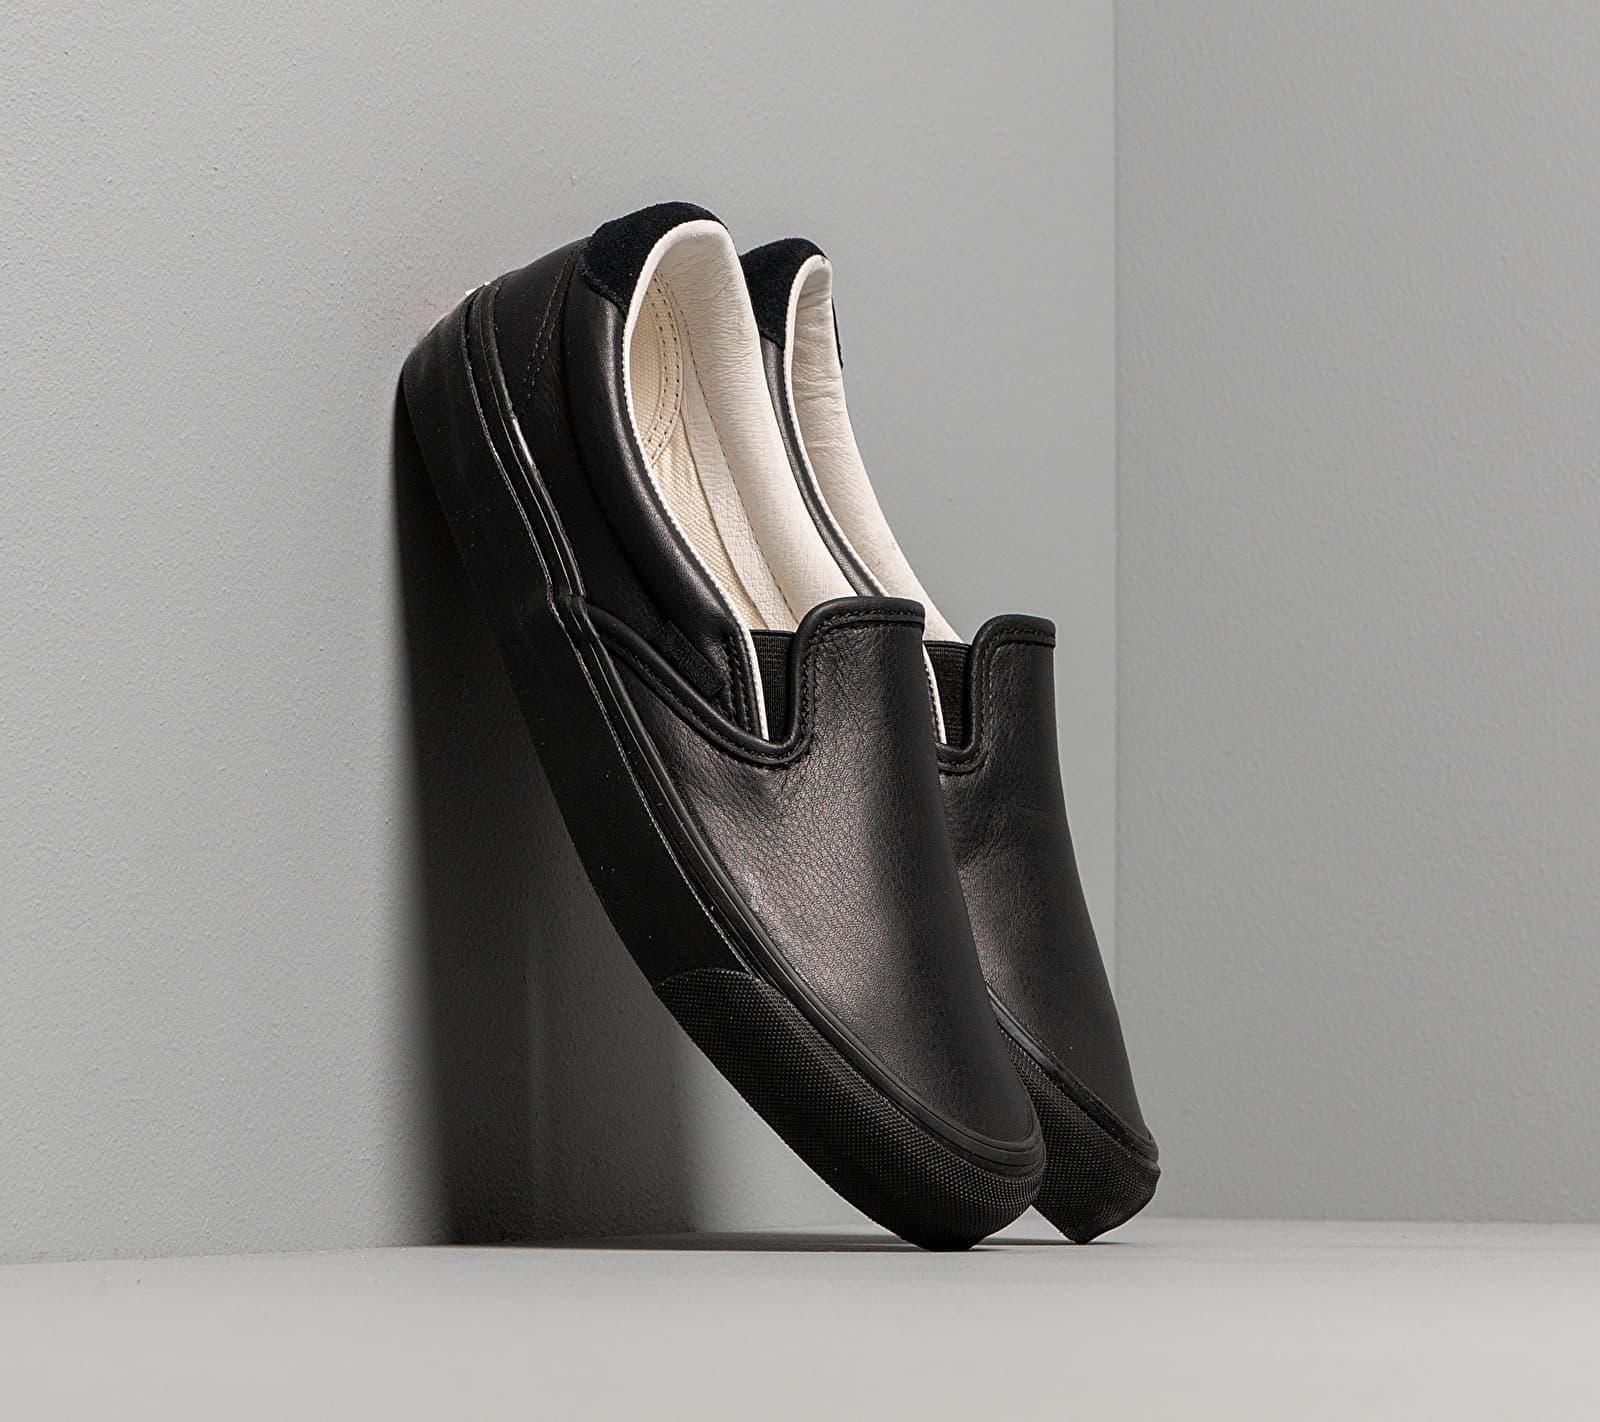 Vans OG Slip-On 59 LX (Leather/ Suede) Black EUR 34.5